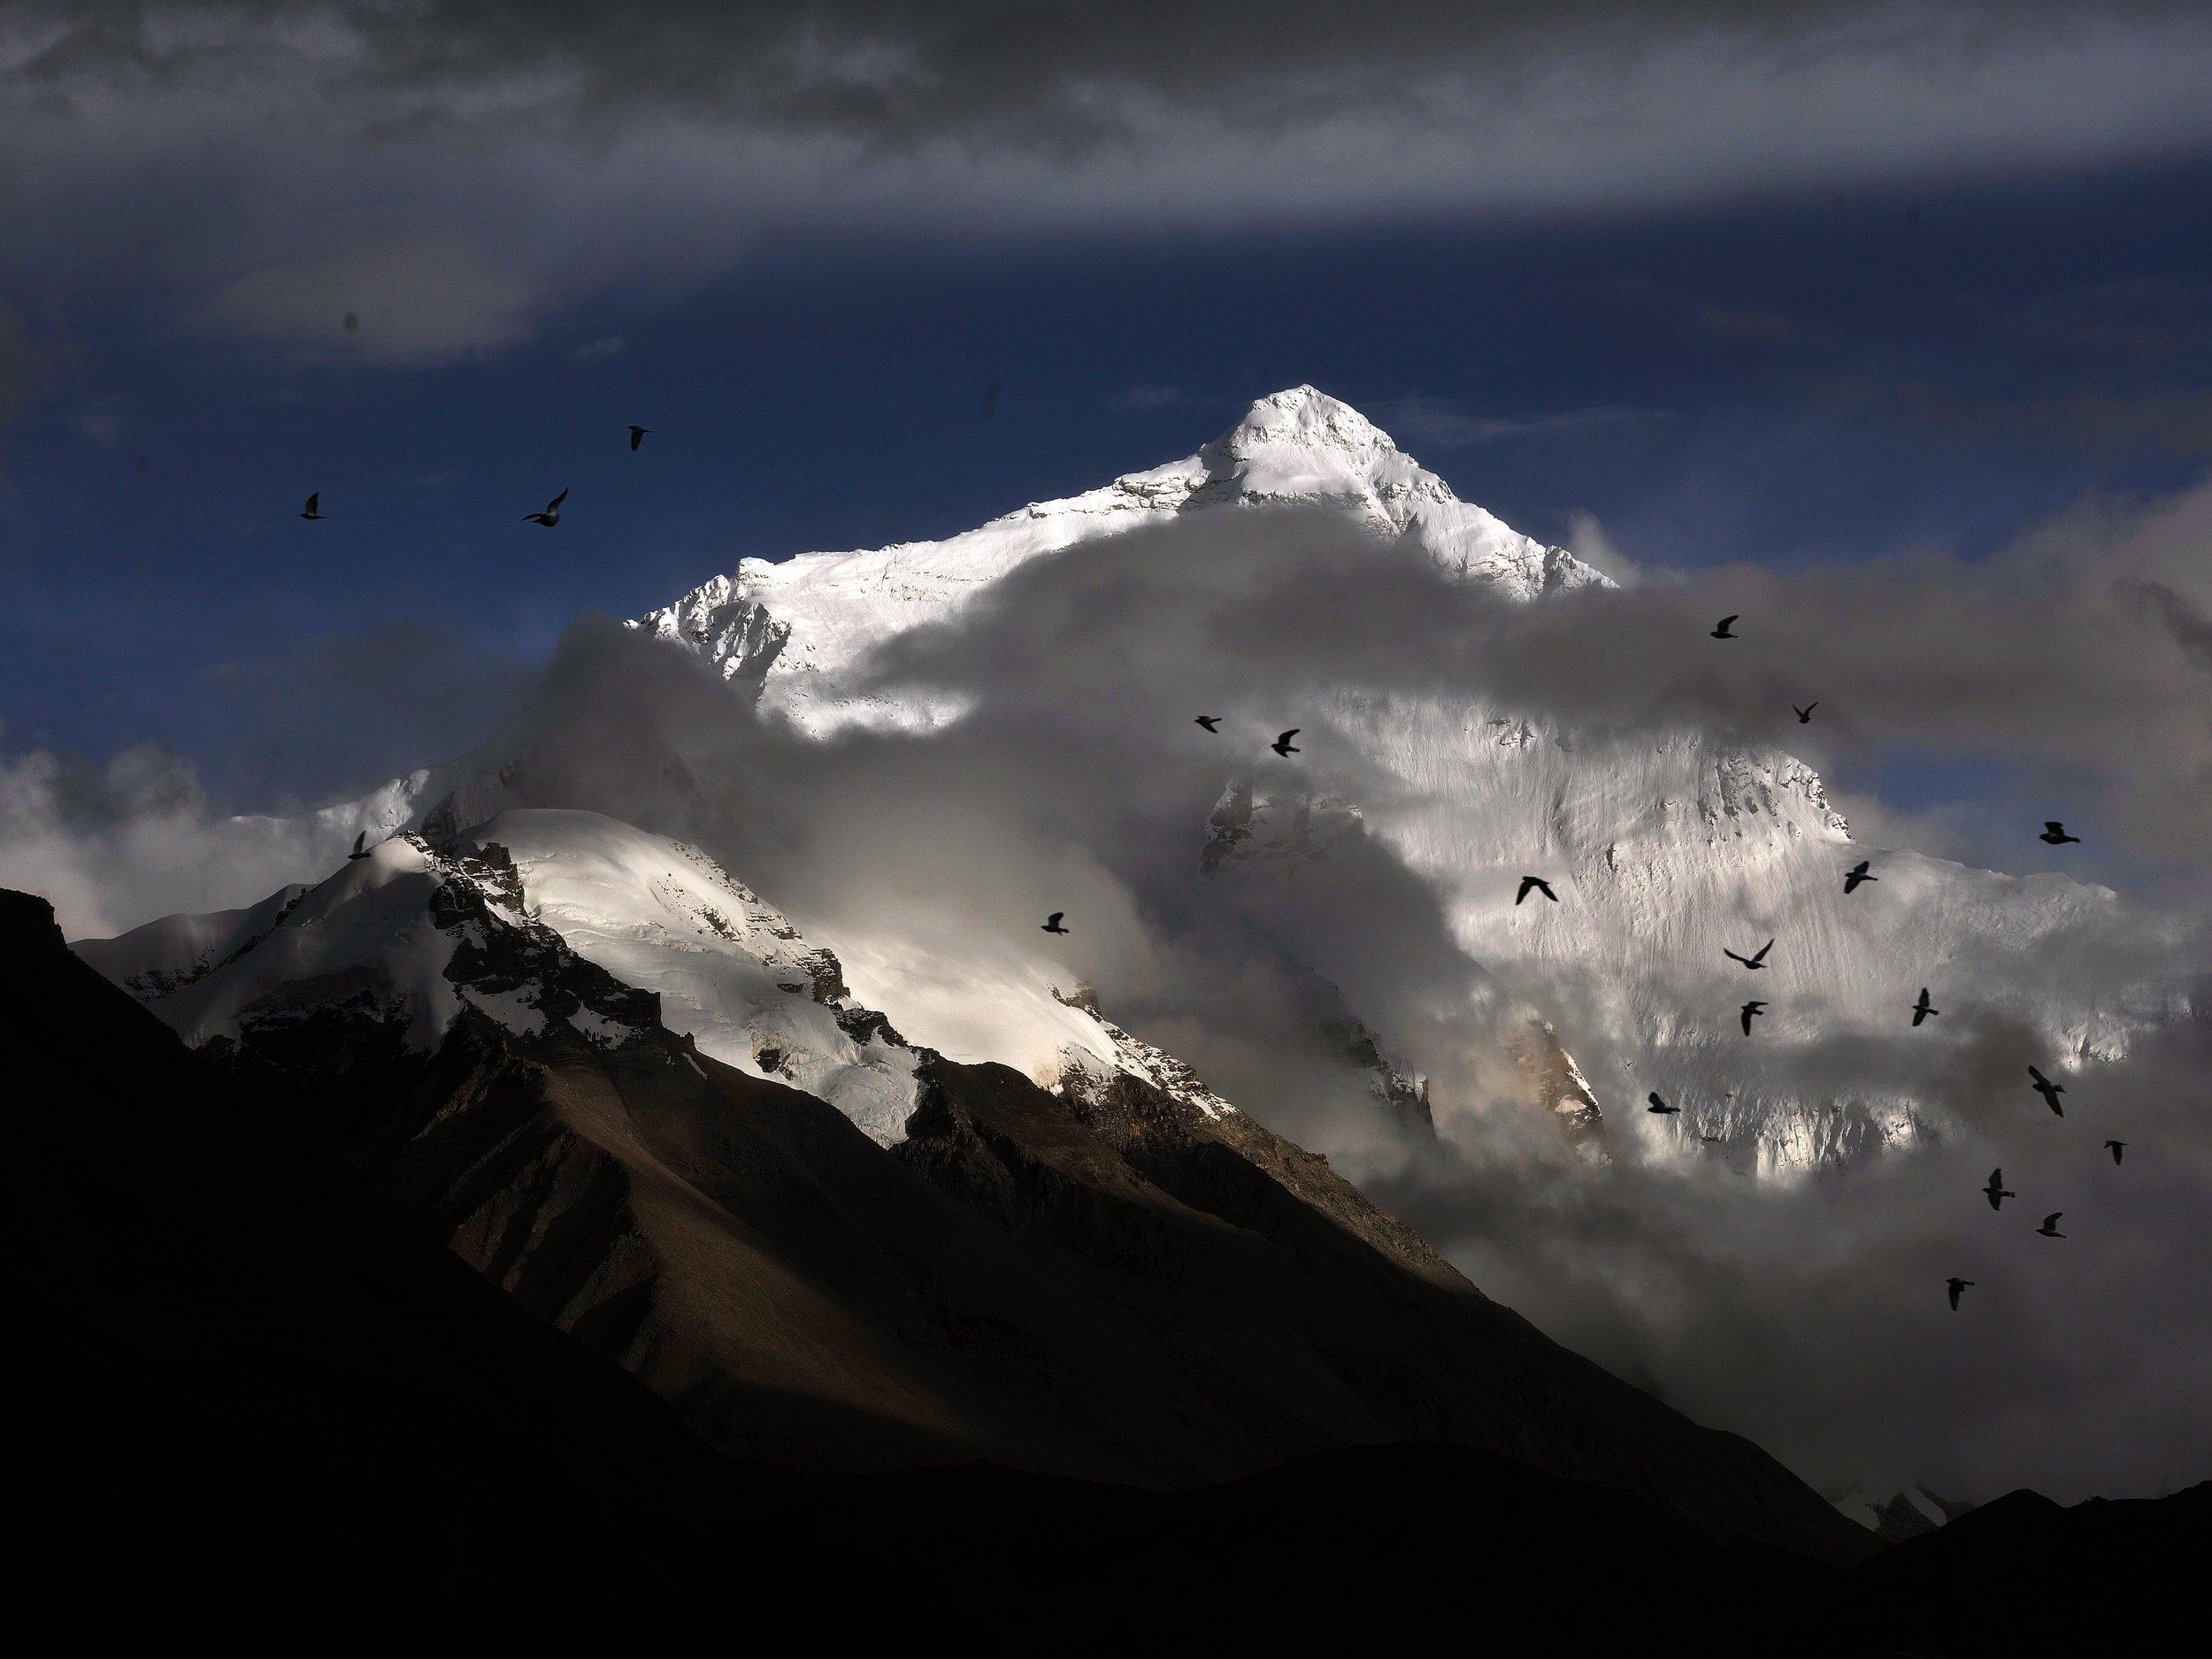 爱,是一场修行,成全他人也成全自己。    在今年四月的时候我们前往西藏。四月的西藏,依旧寒冷,伴着微弱的高原反应,带着些许眩晕上到扎嘎寺。一路曲折,但下车后看到像天堂一般的景色,又觉得一切都值得。西藏,确实是一片净土。